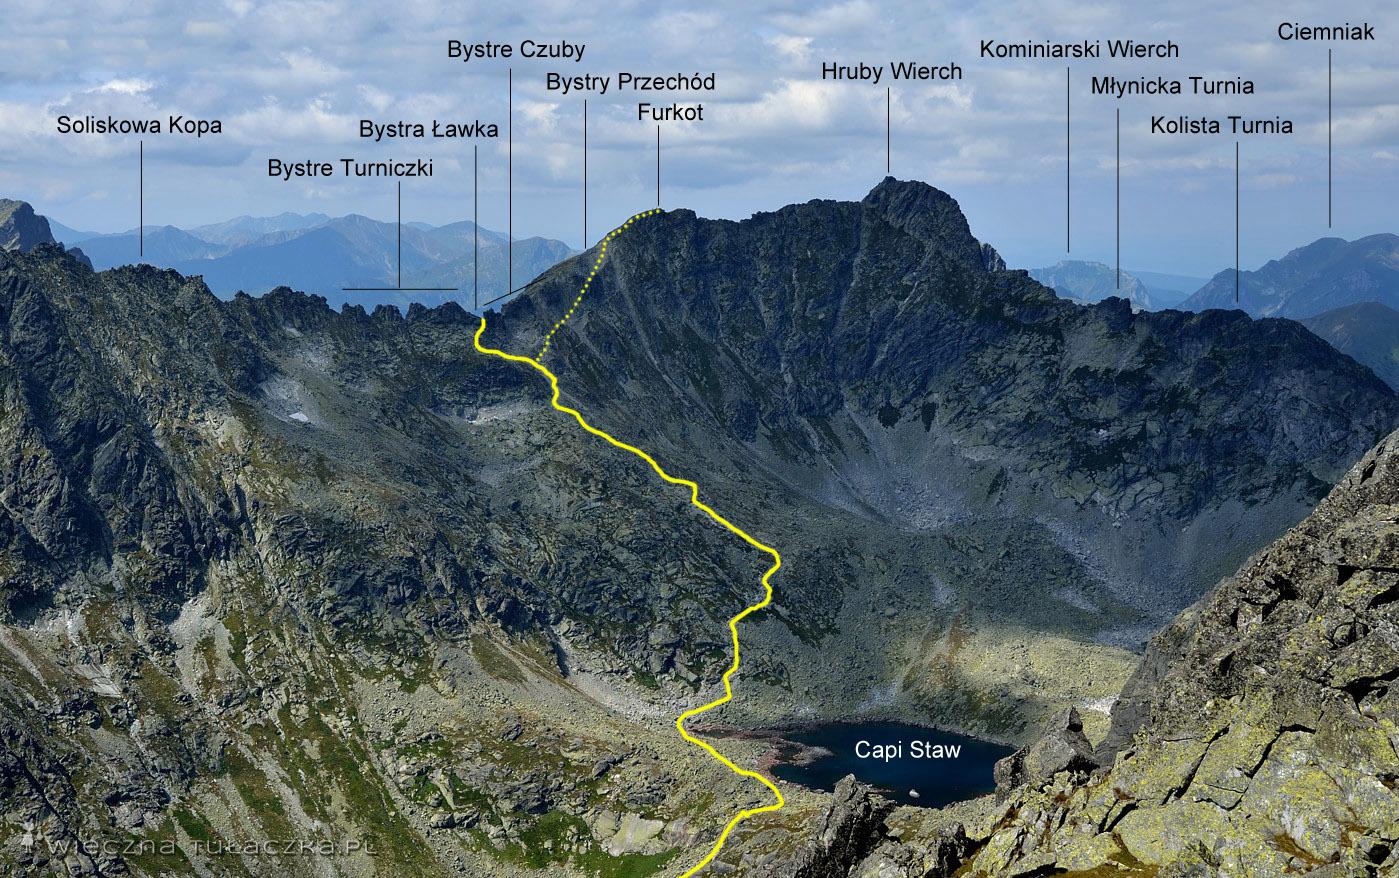 Przebieg szlaku na Bystrą Ławkę. Kropki pokazują stary wariant szlaku na Bystry Przechód i dalej na Furkot. Widok z Szatana.